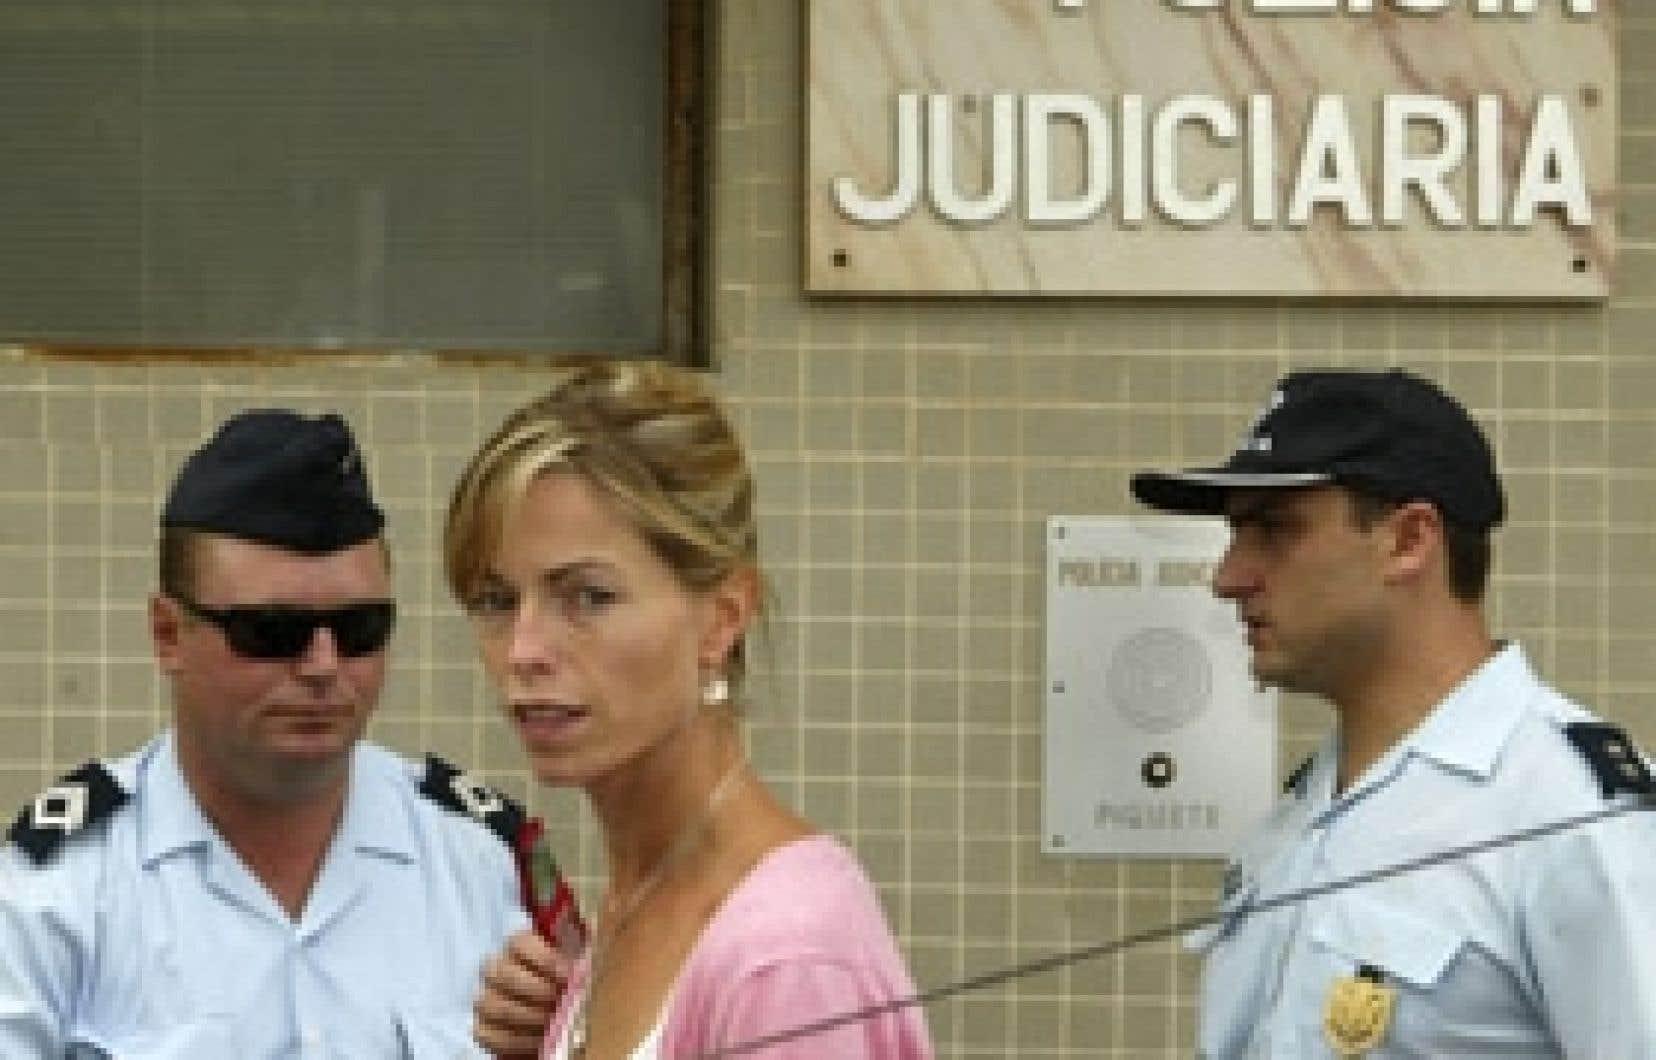 Kate McCann, la mère de la petite Madeleine, photographiée au moment d'entrer au commissariat de police.